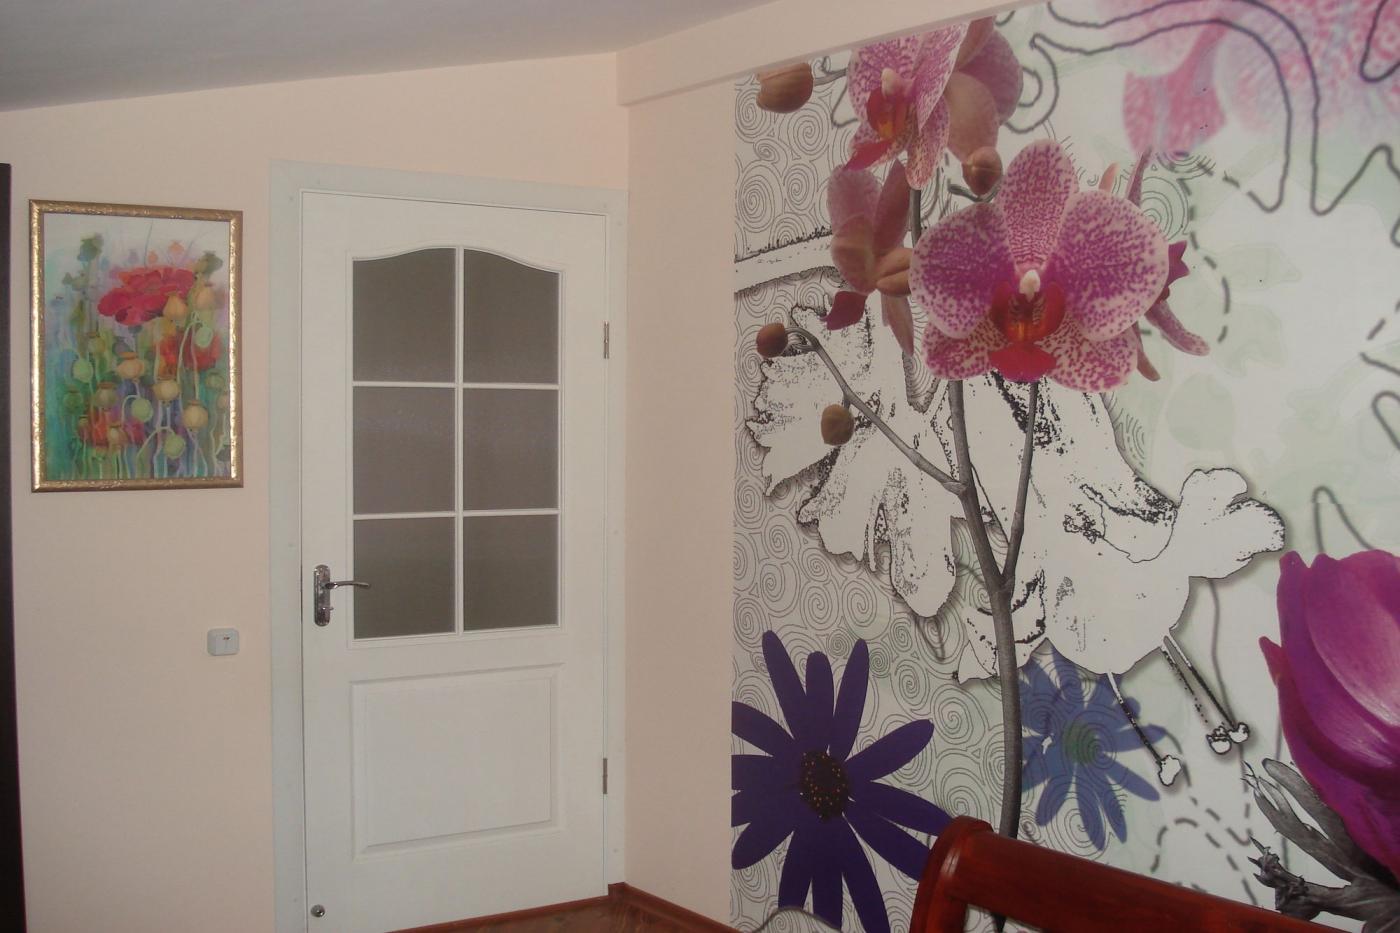 2-комнатная квартира посуточно (вариант № 858), ул. Кастрополь, ул. Кипарисная улица, фото № 4